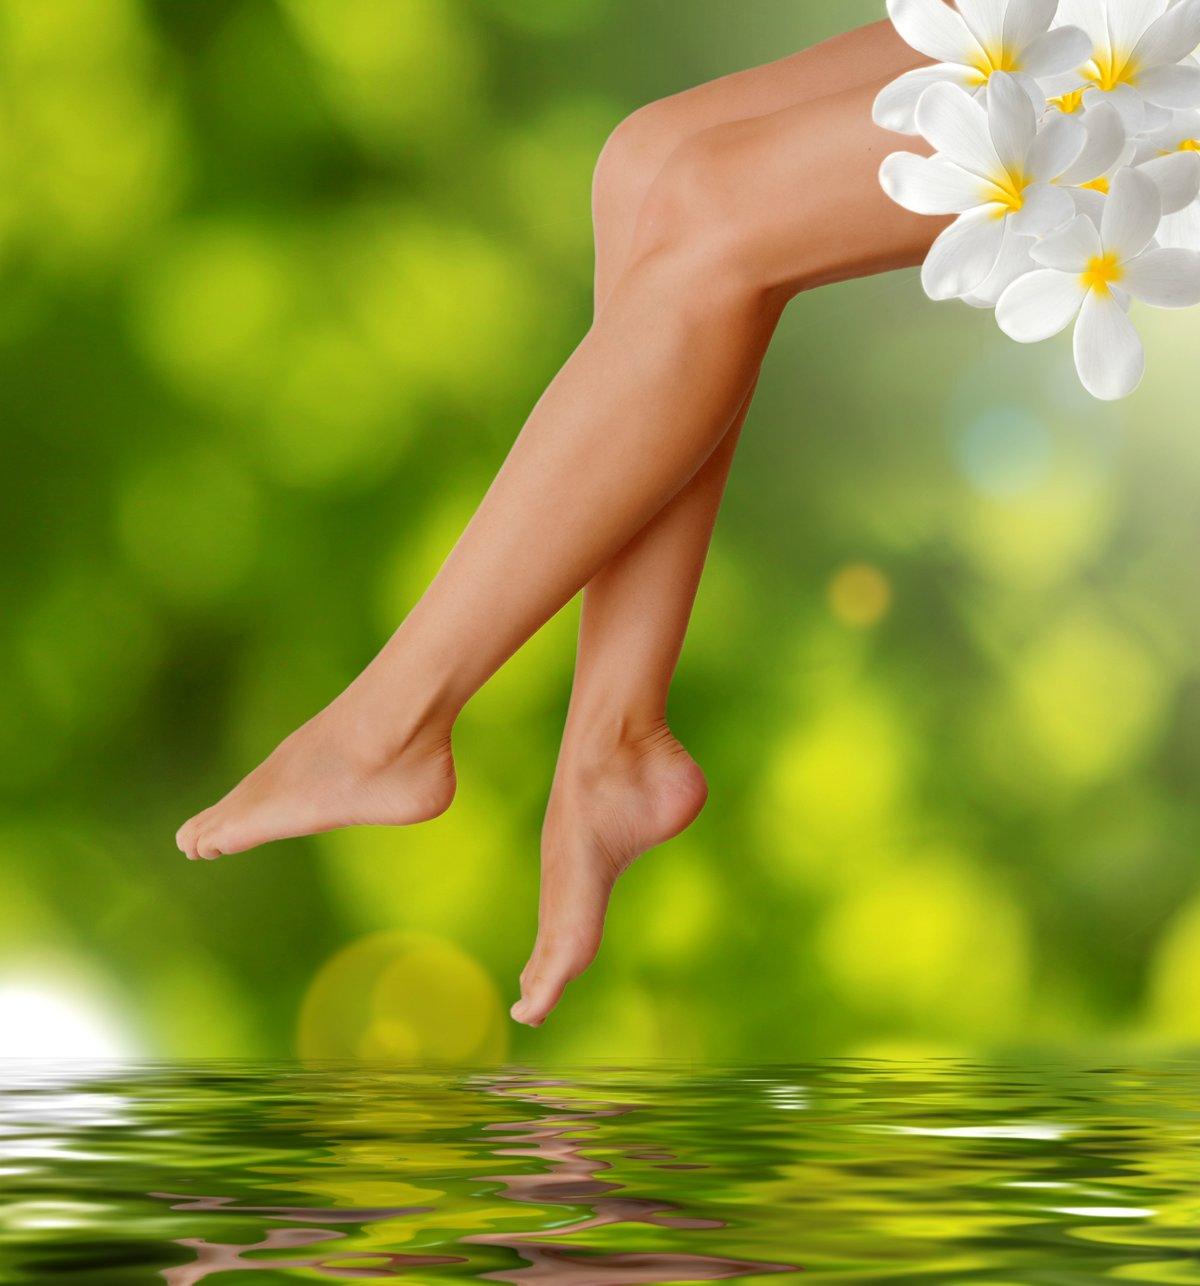 Диета для сохранения красивых ног